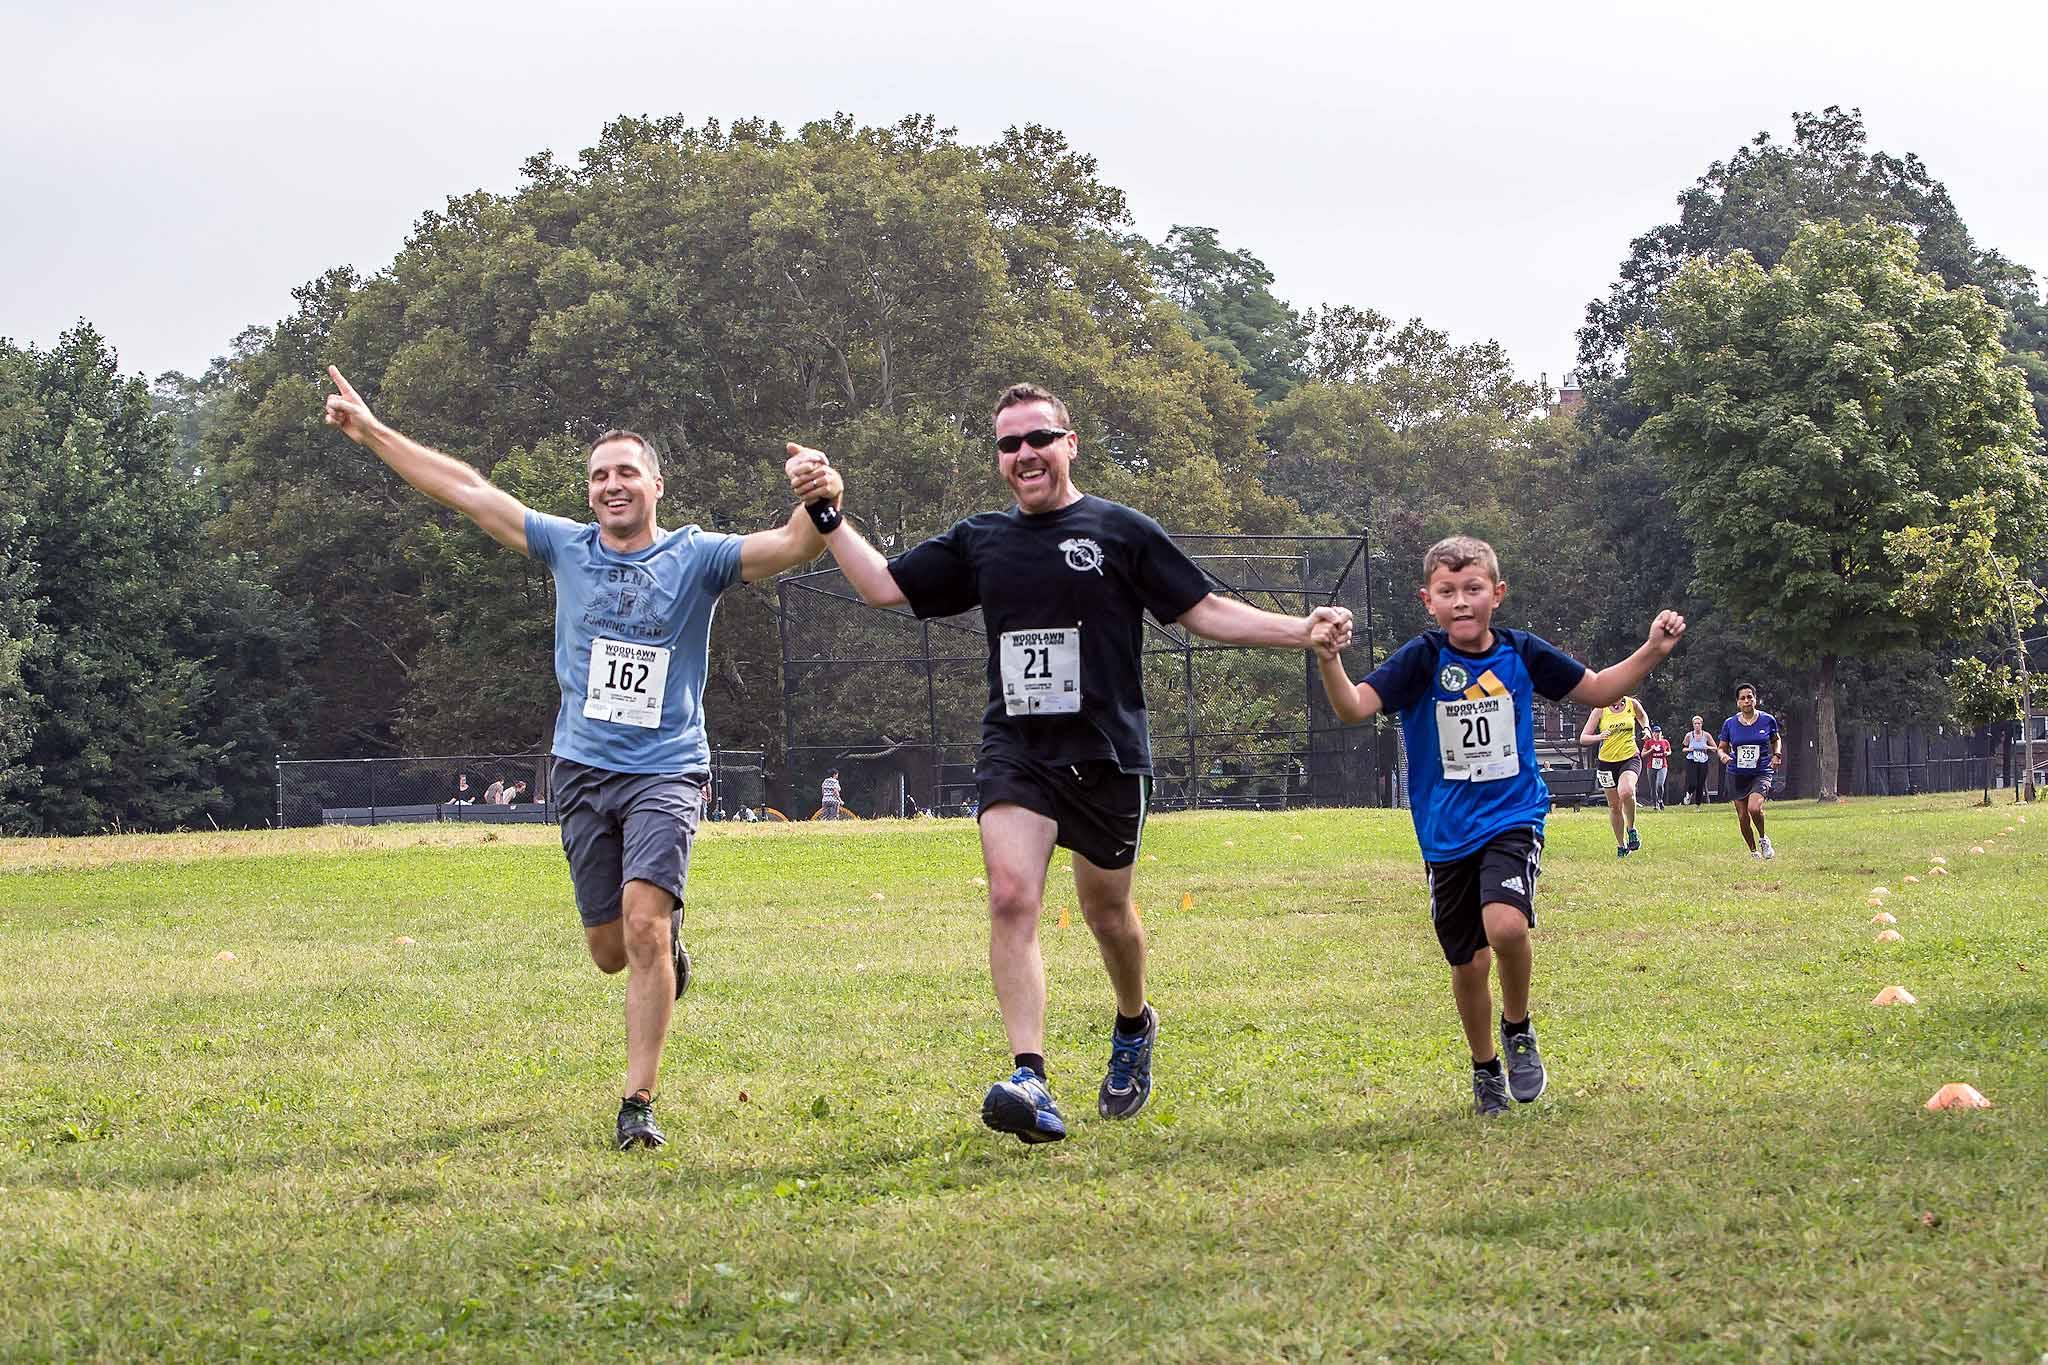 113-Woodlawn Run for a Cause-275.jpg